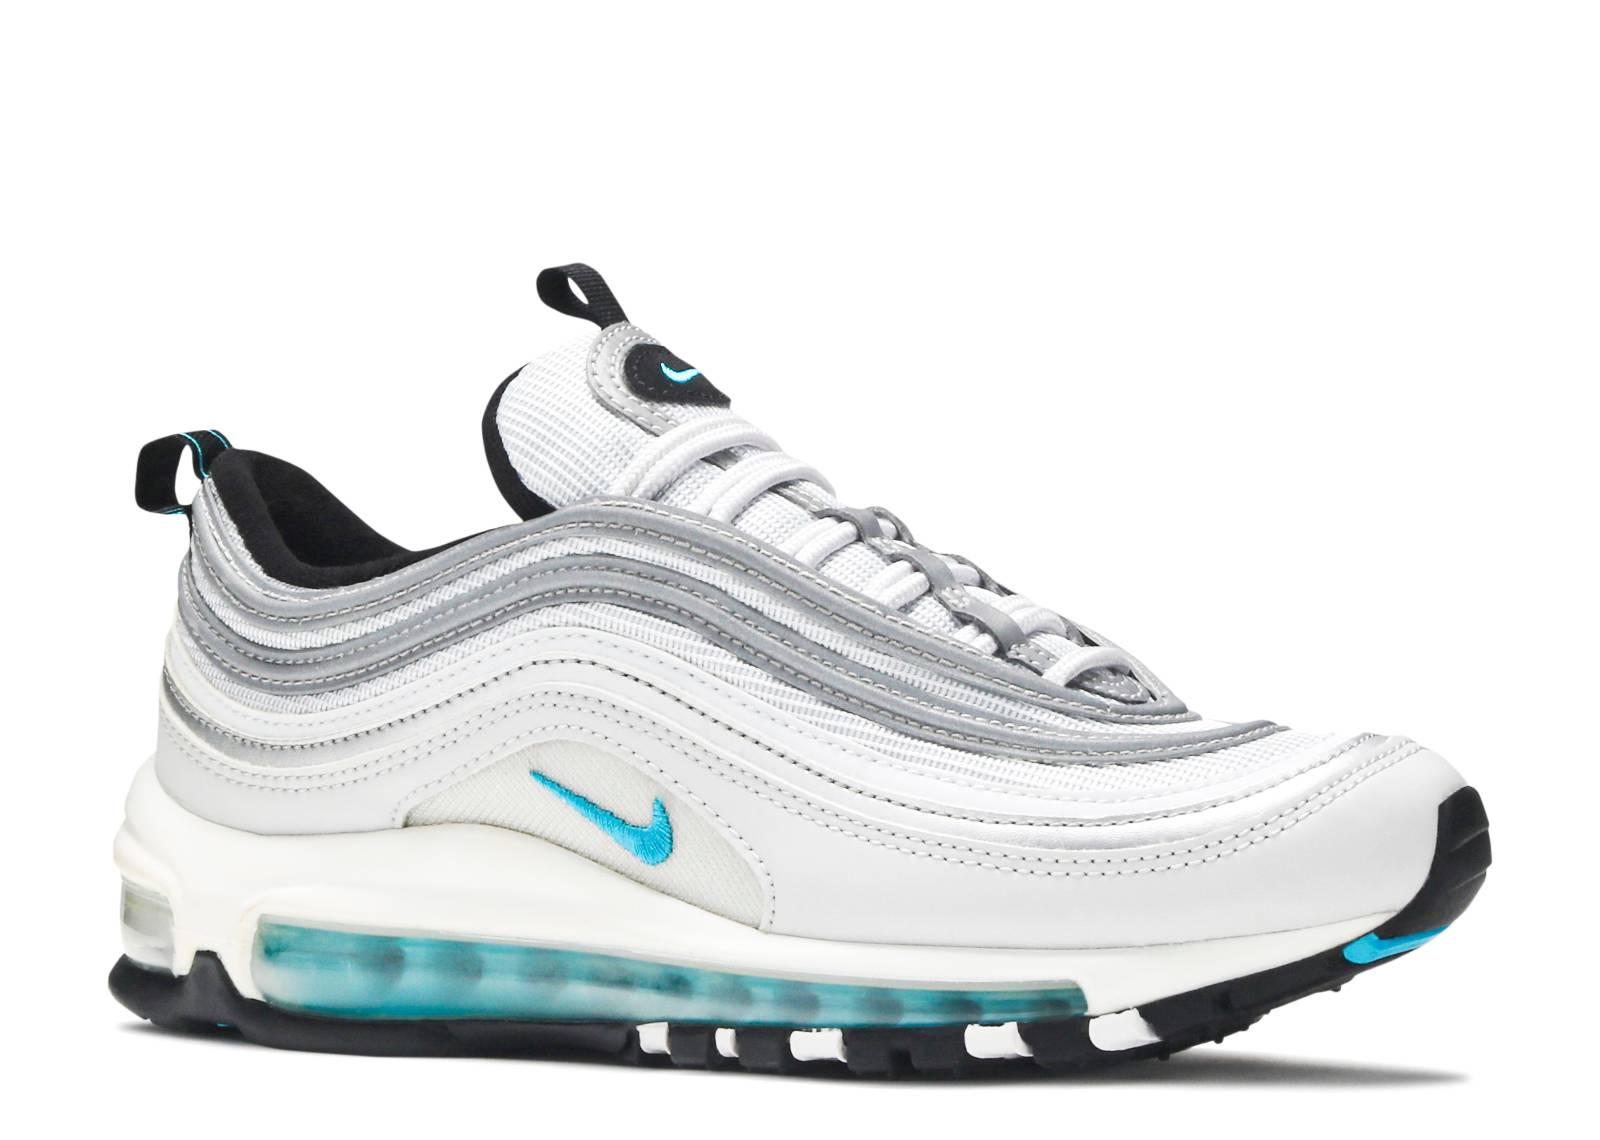 e18ae397fb73 W Air Max 97 Qs - Nike - 917647 001 - pure platinum marina blue ...